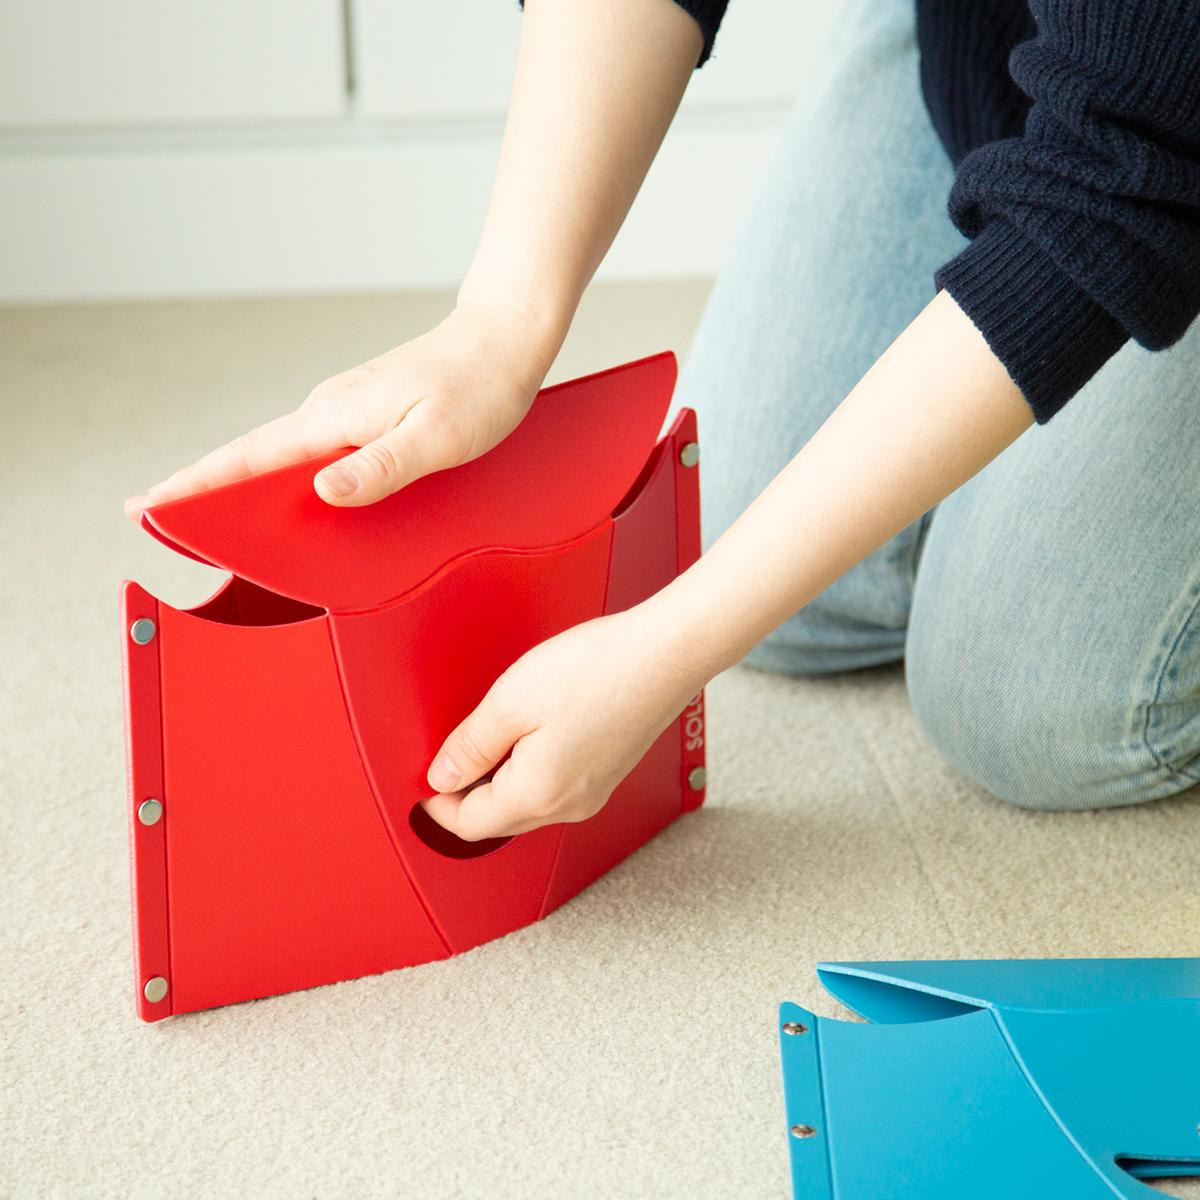 組み立ても片付けも簡単。軽くて丈夫なのにコンパクトに薄く畳める、どこにでも持ち歩けるイス|PATATTO